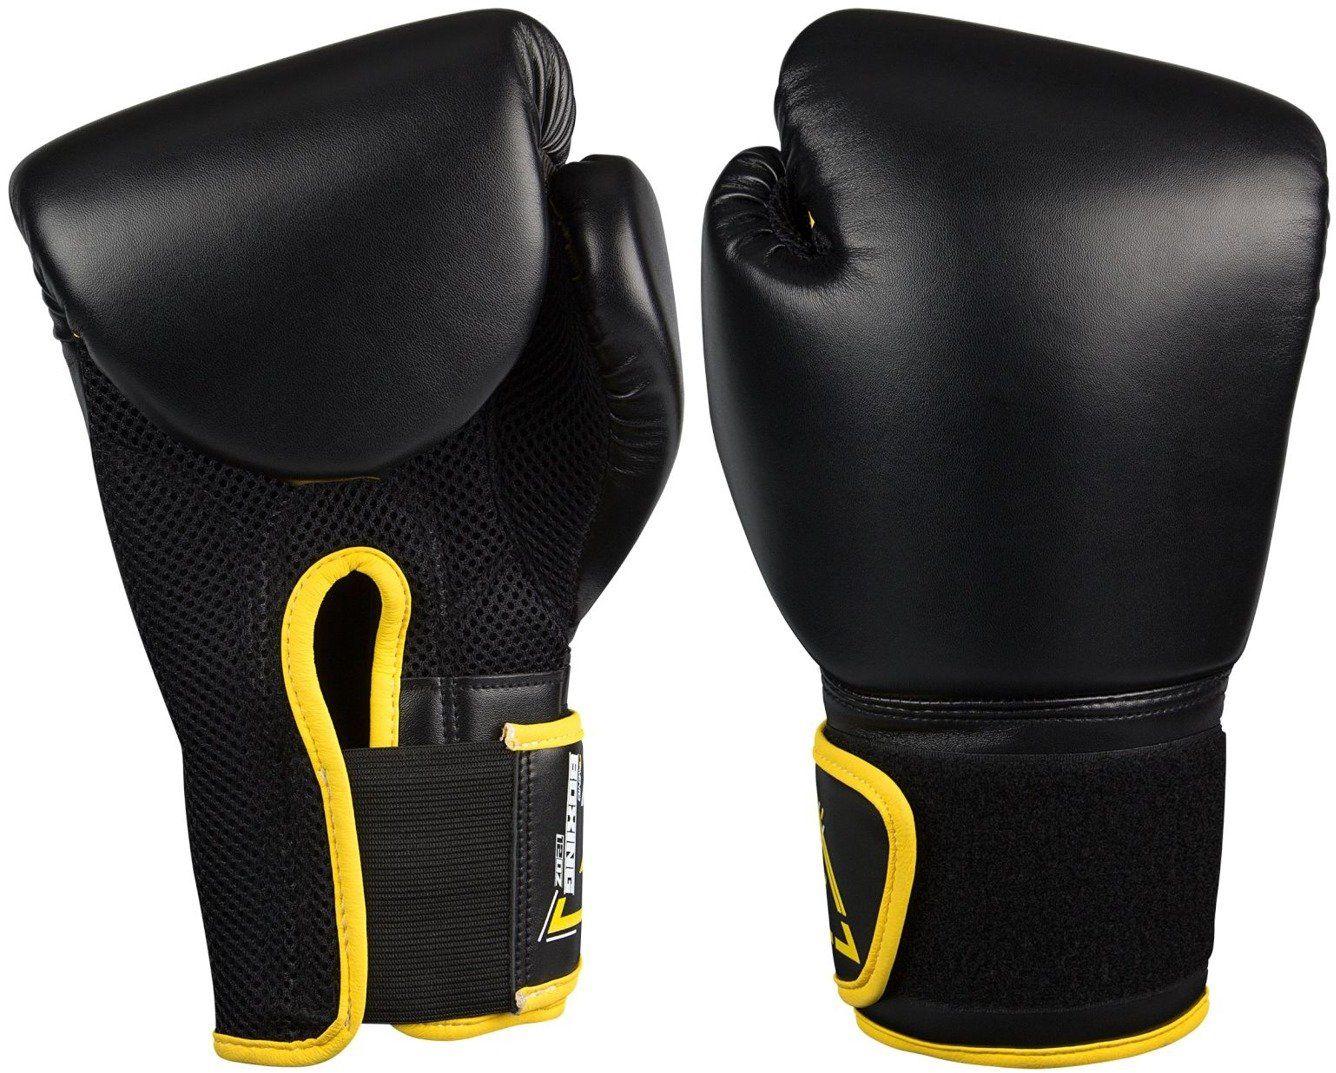 Rękawice bokserskie treningowe Avento 12 oz